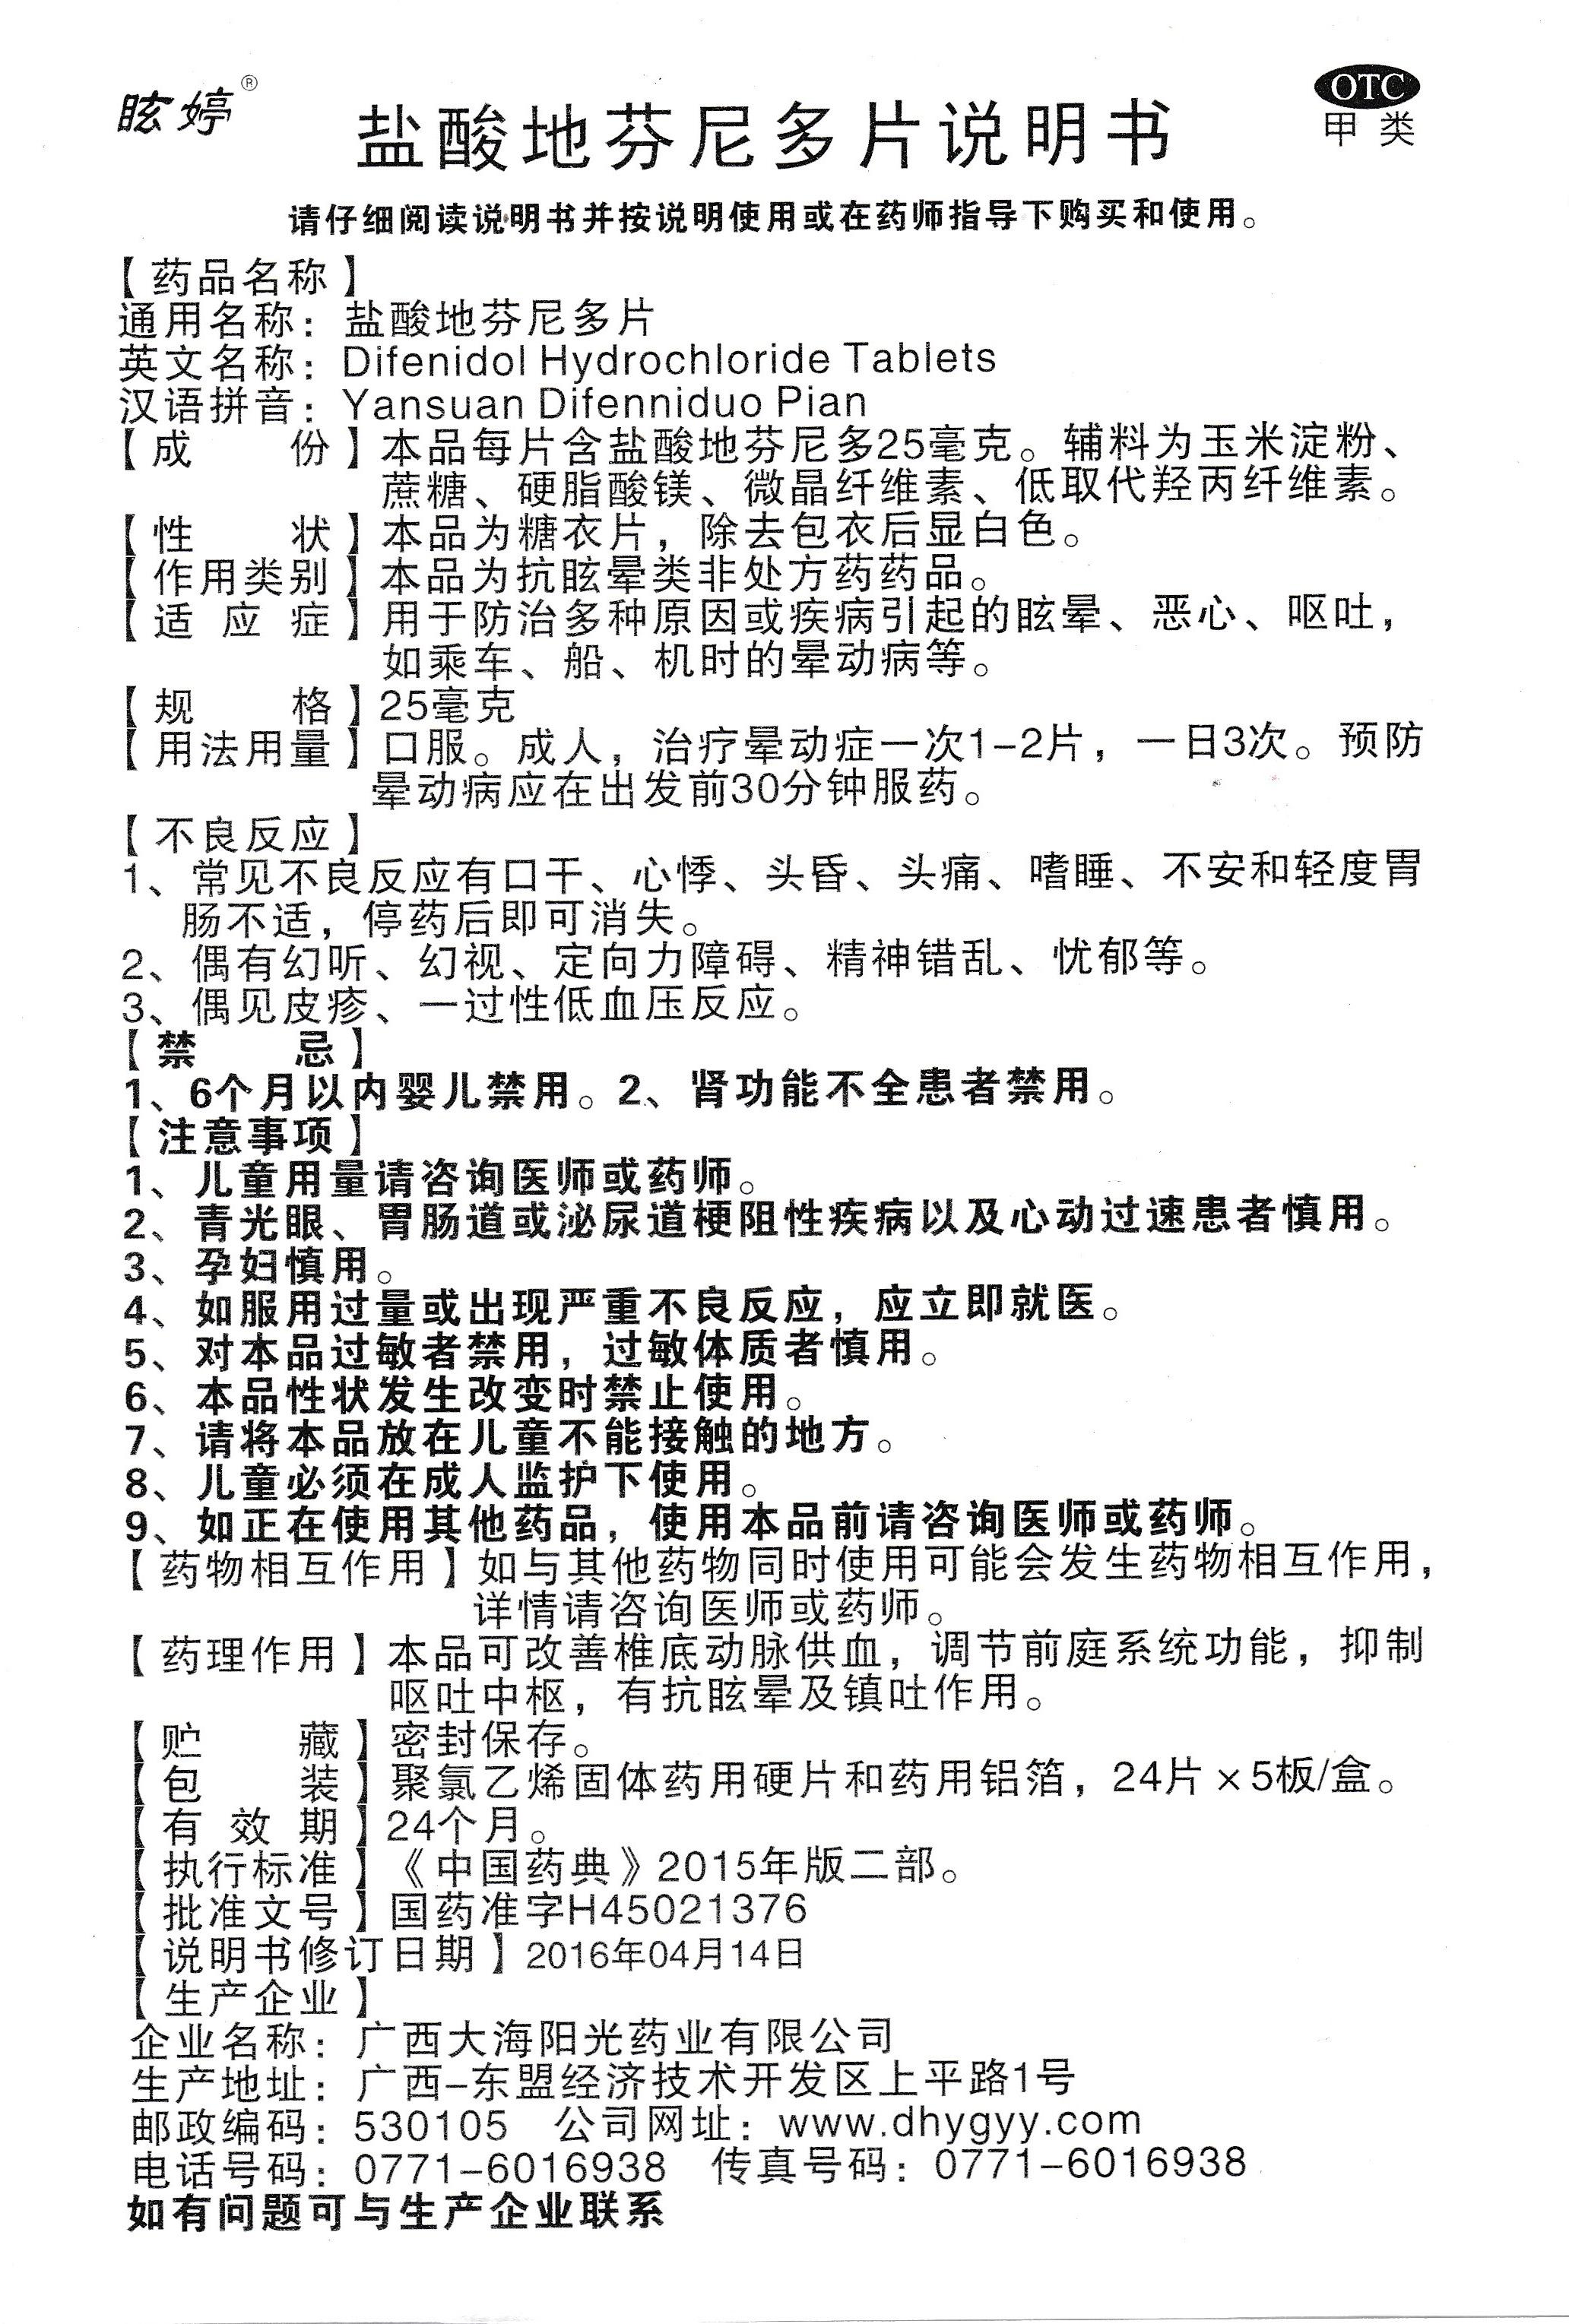 地花尼120片說明書